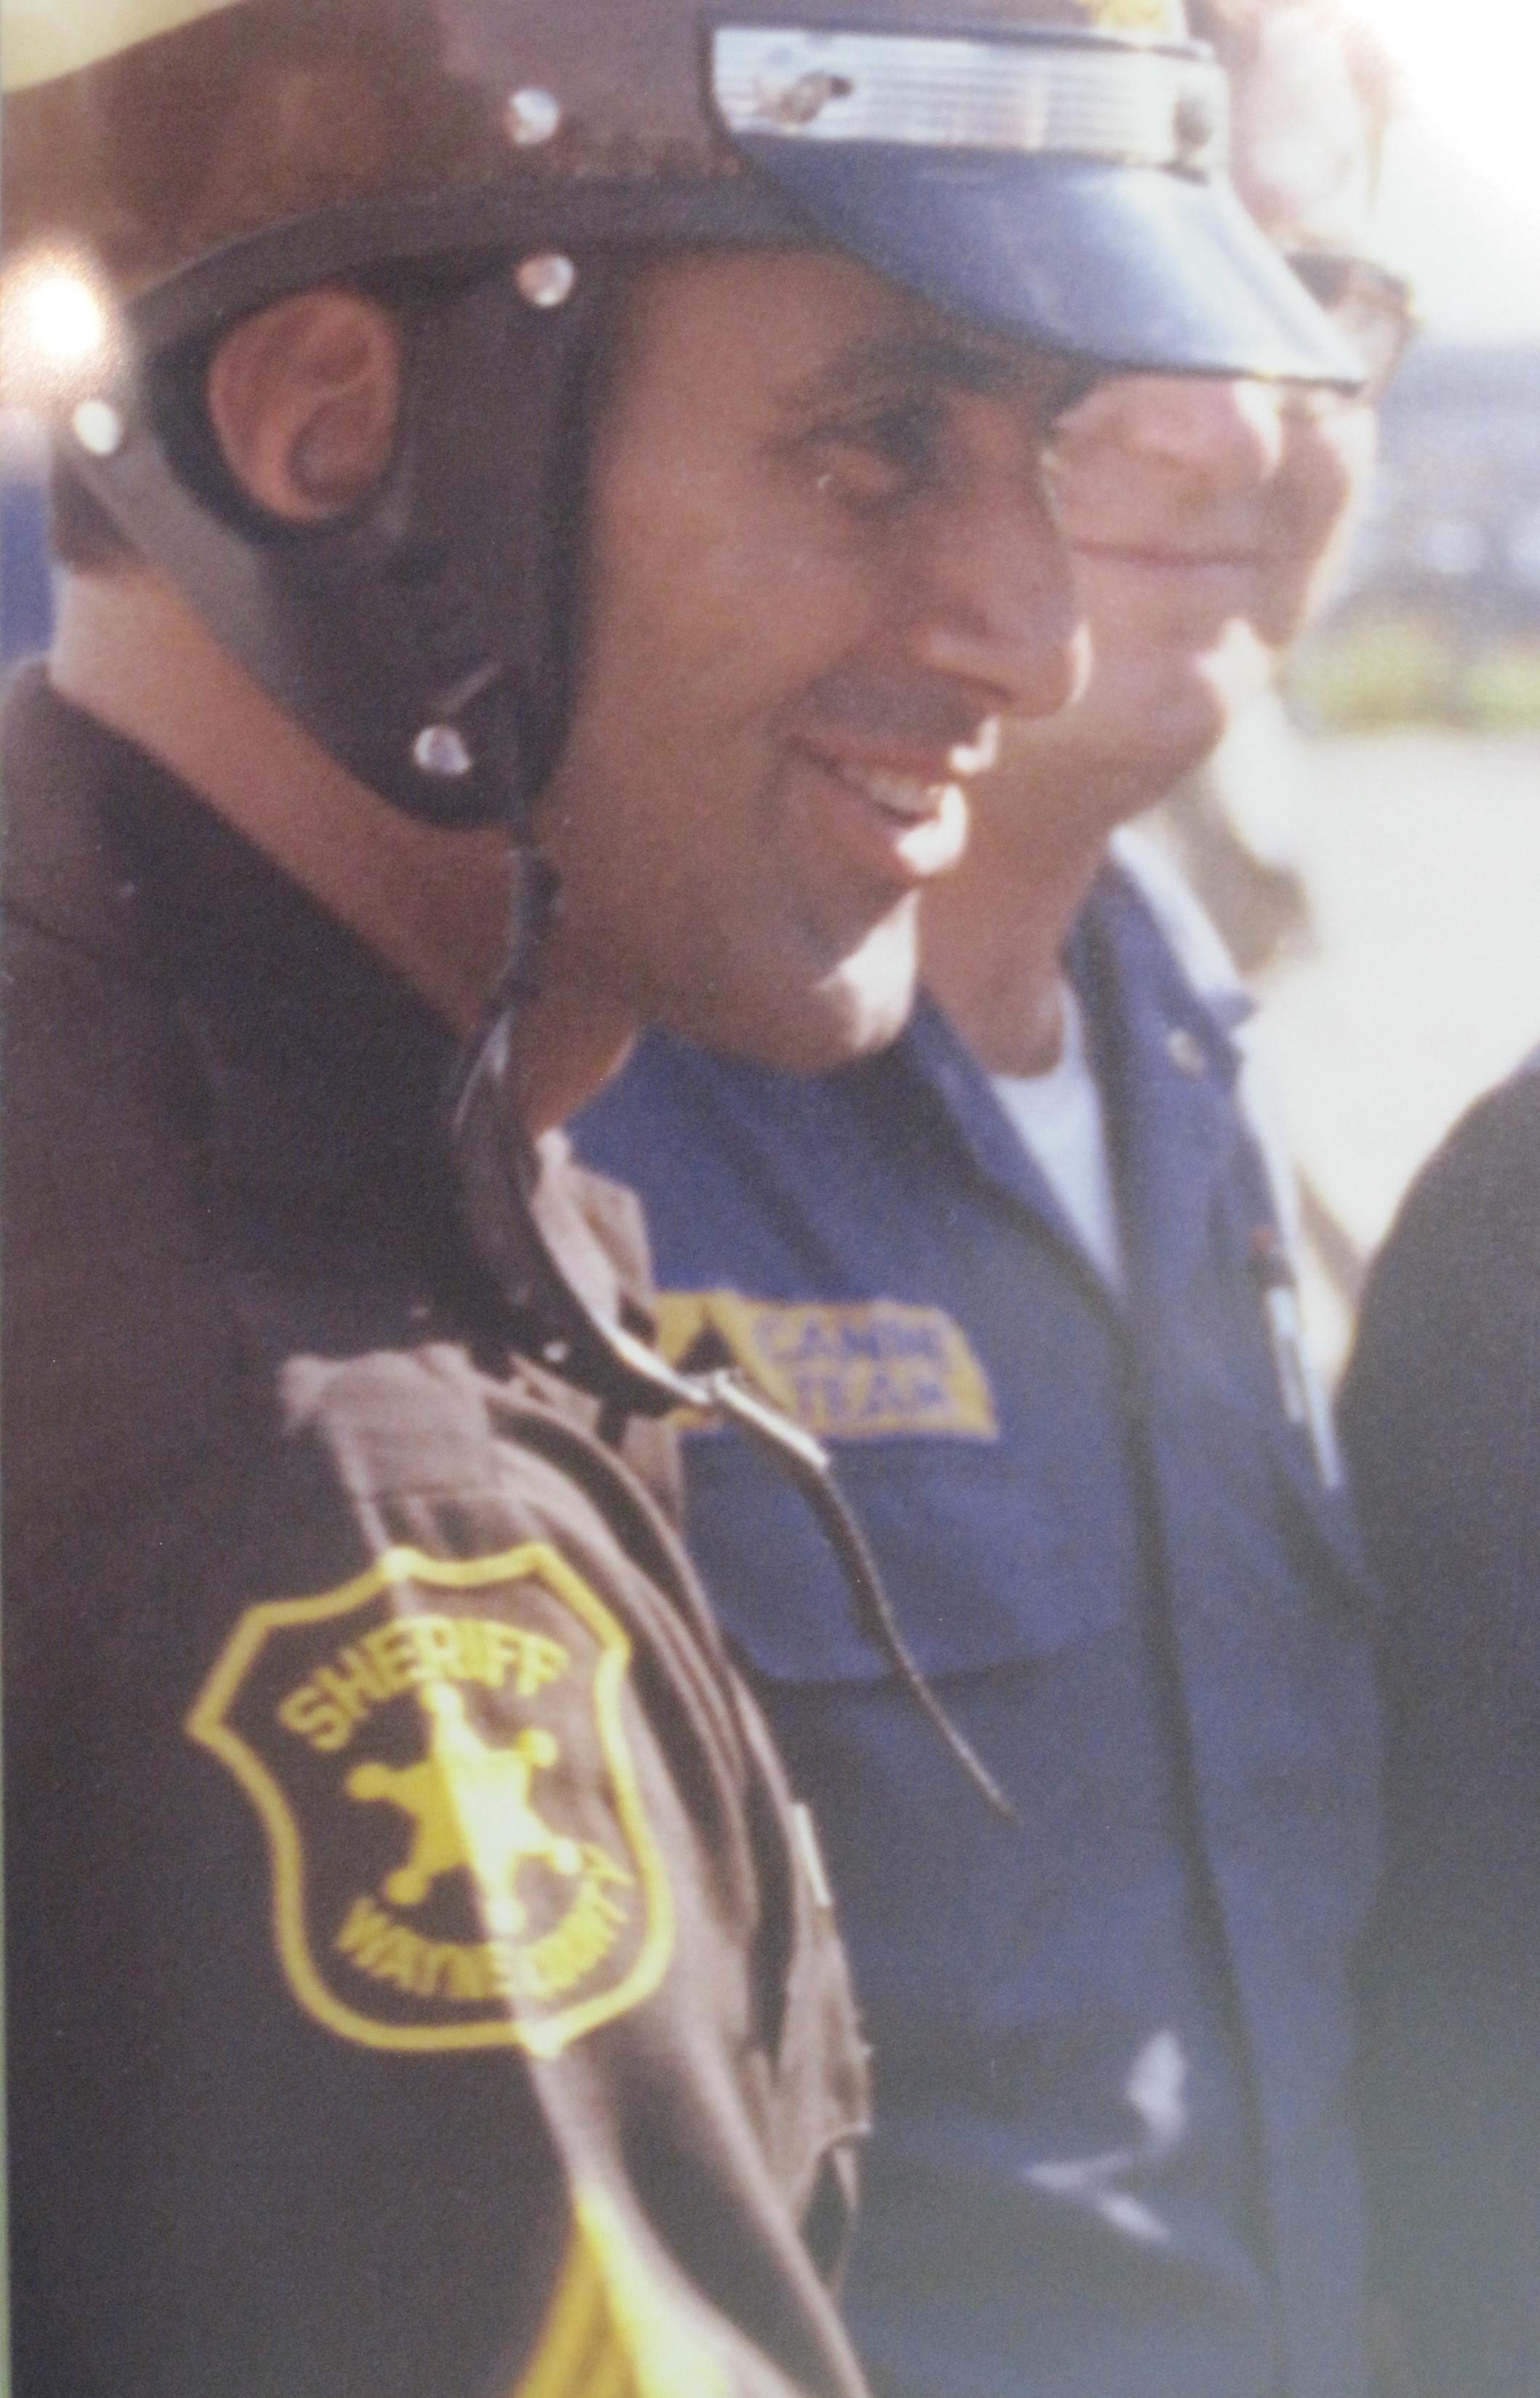 Sgt. Robert Ankony